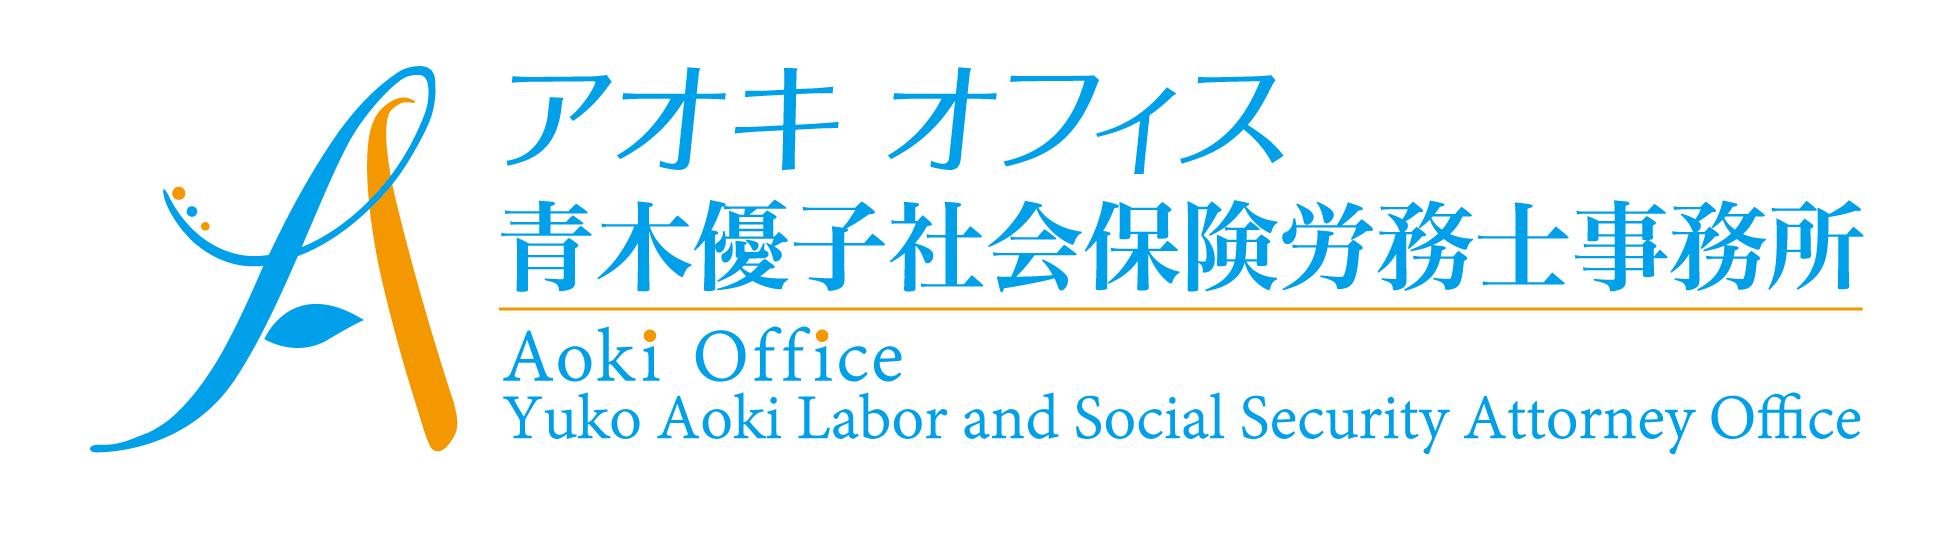 アオキ オフィス 青木優子社会保険労務士事務所